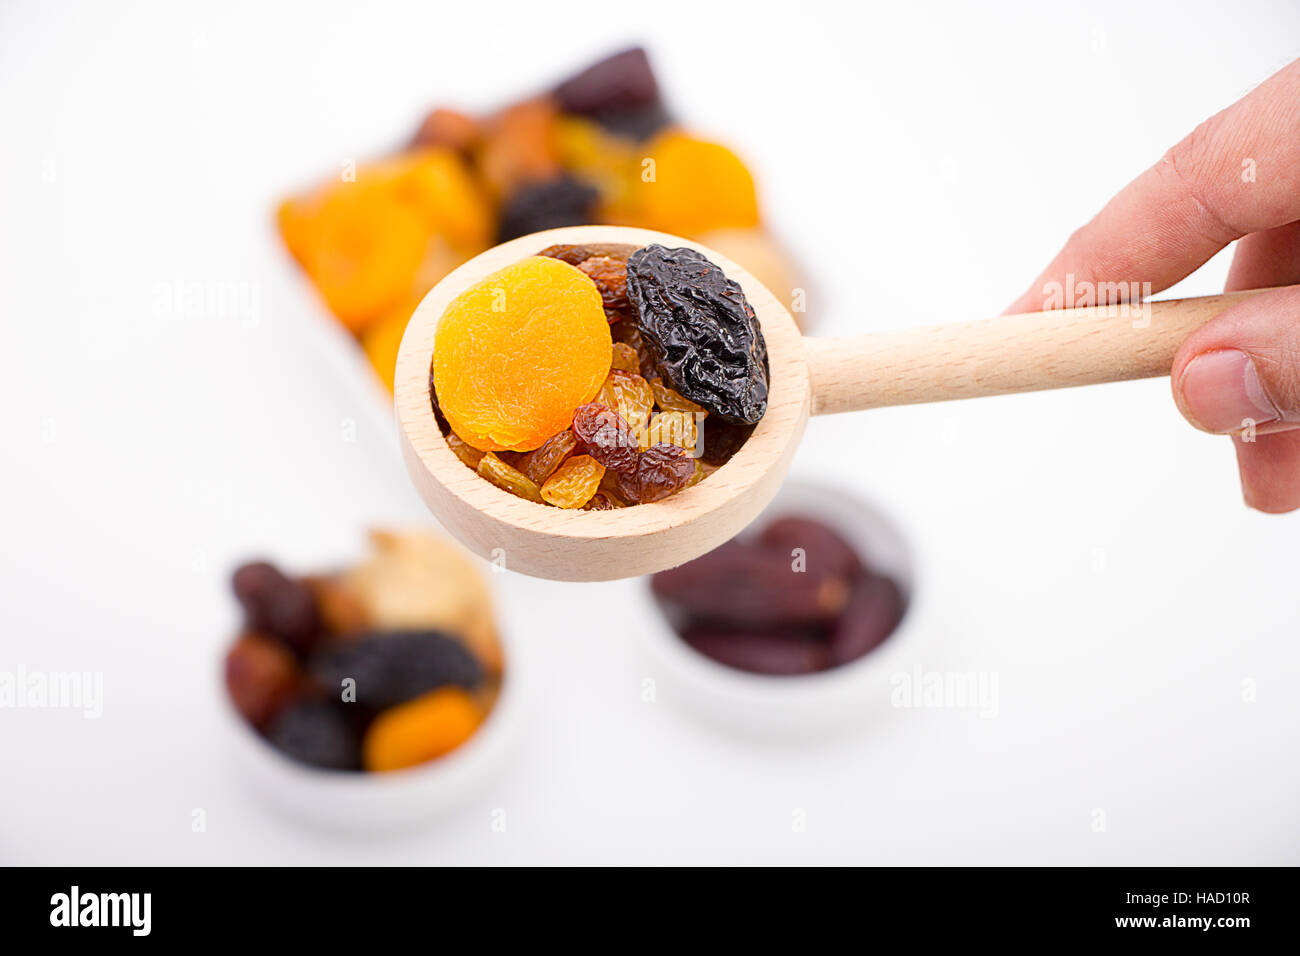 Recolección de frutos secos. Imagen De Stock